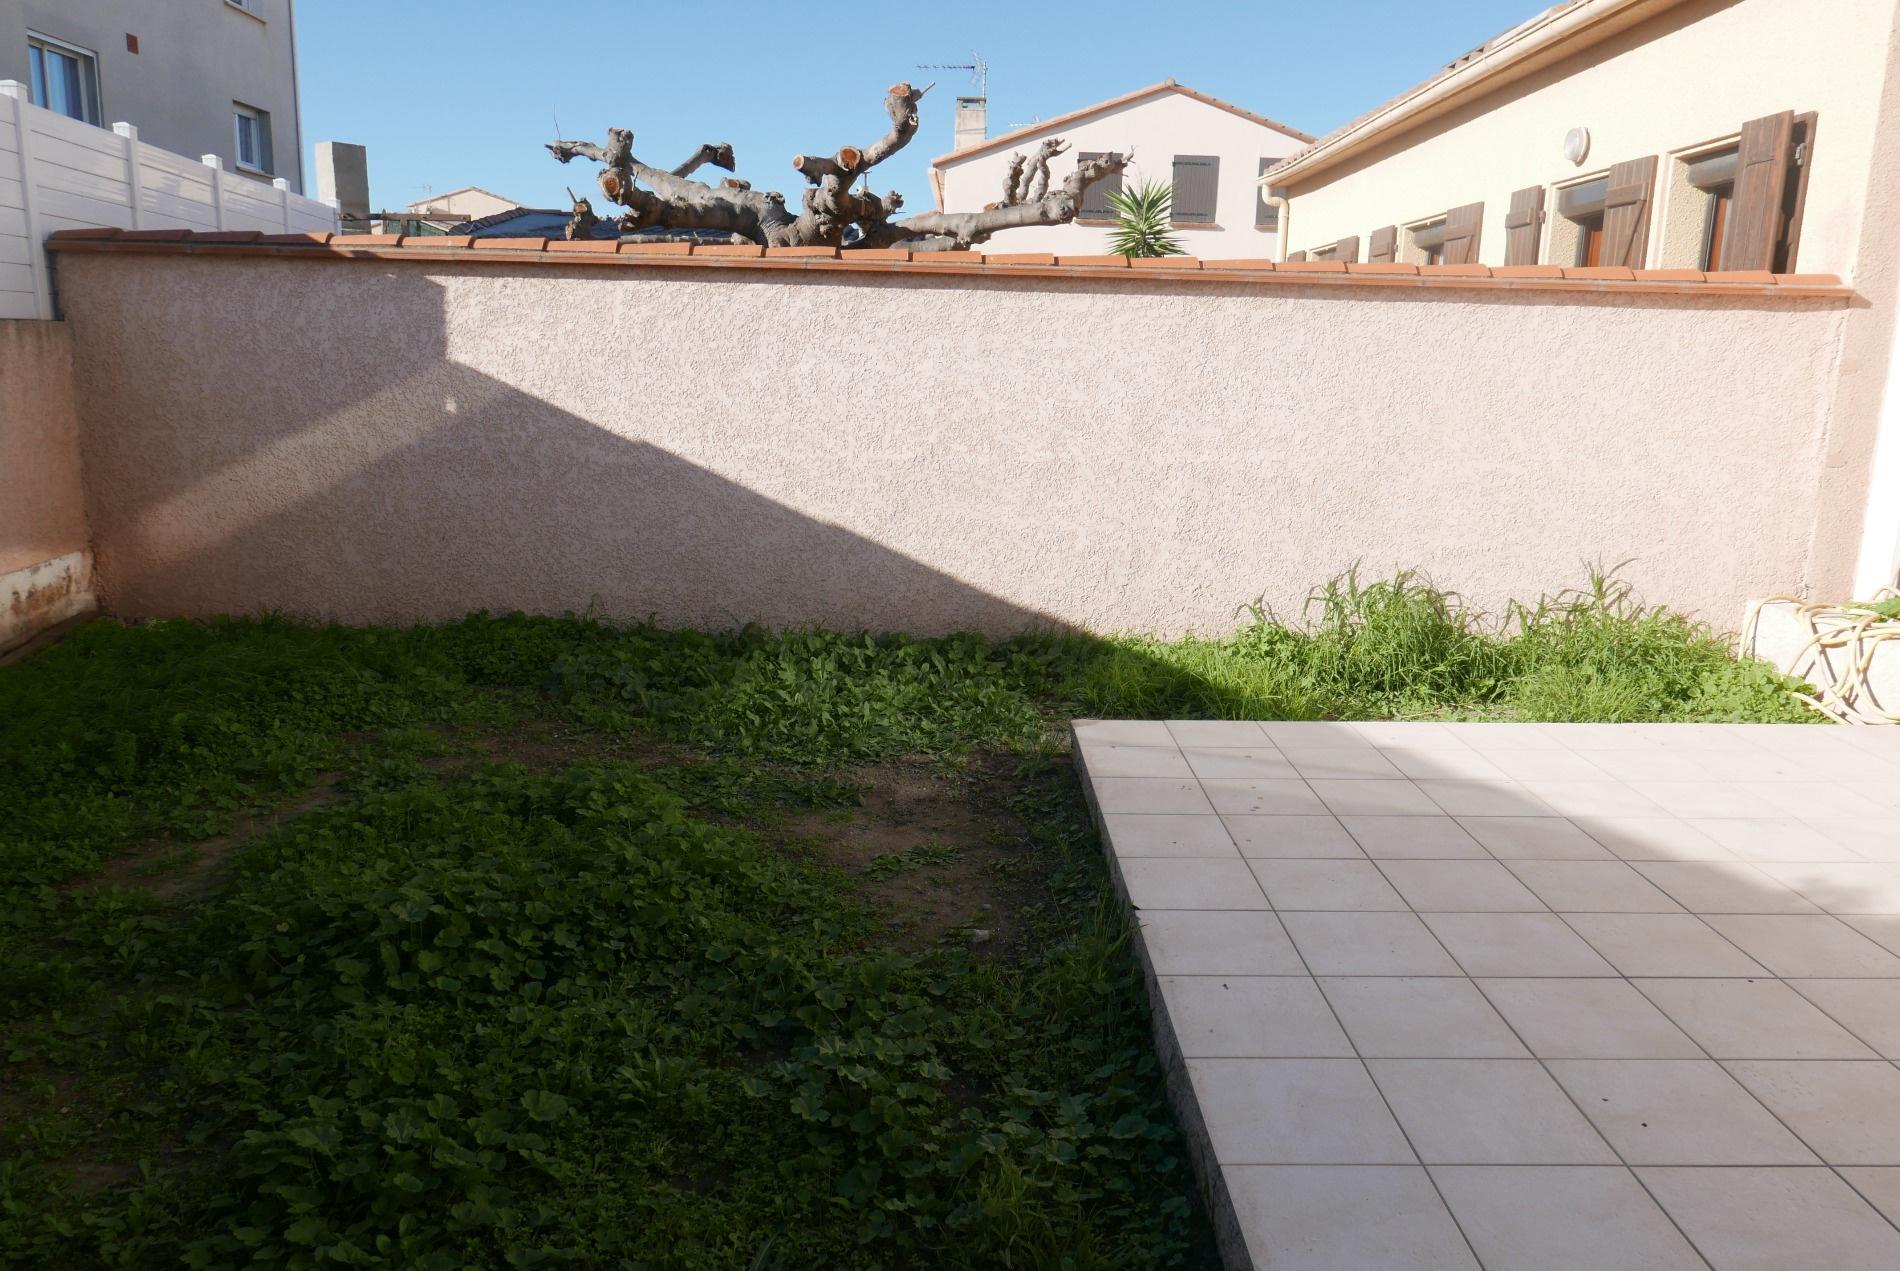 terrasse et jardinet arriere